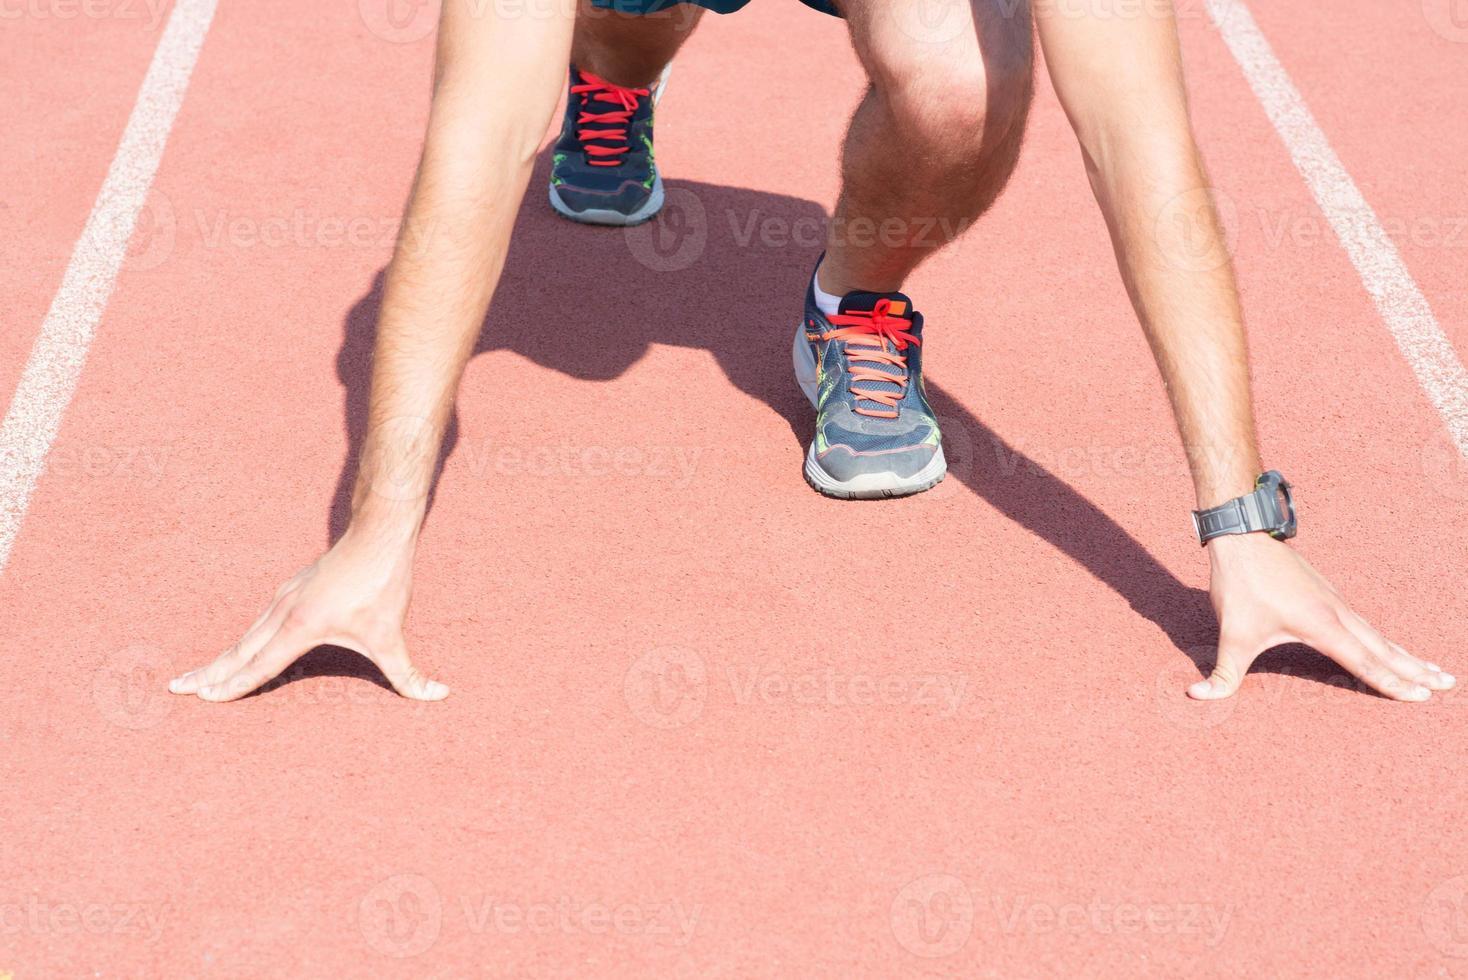 homem se preparando para correr. foto